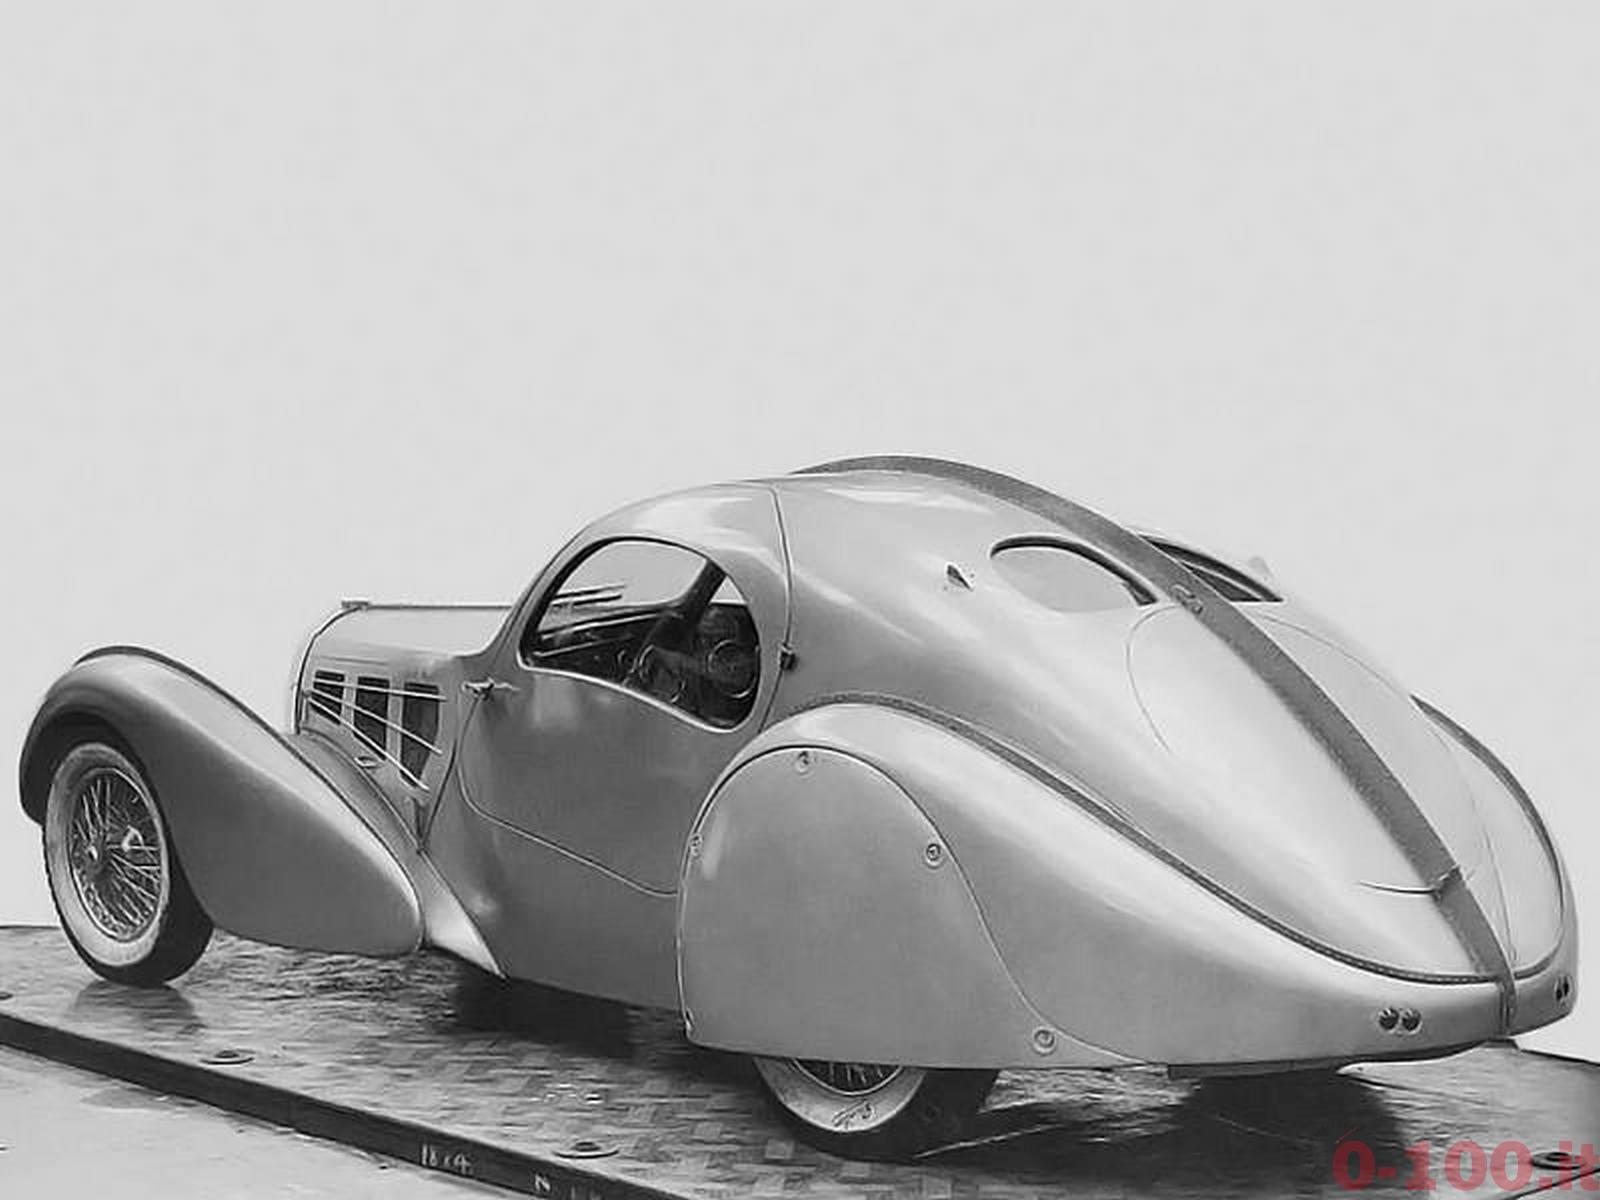 Bugatti_Type_57_Aerolithe_electron_1935_2